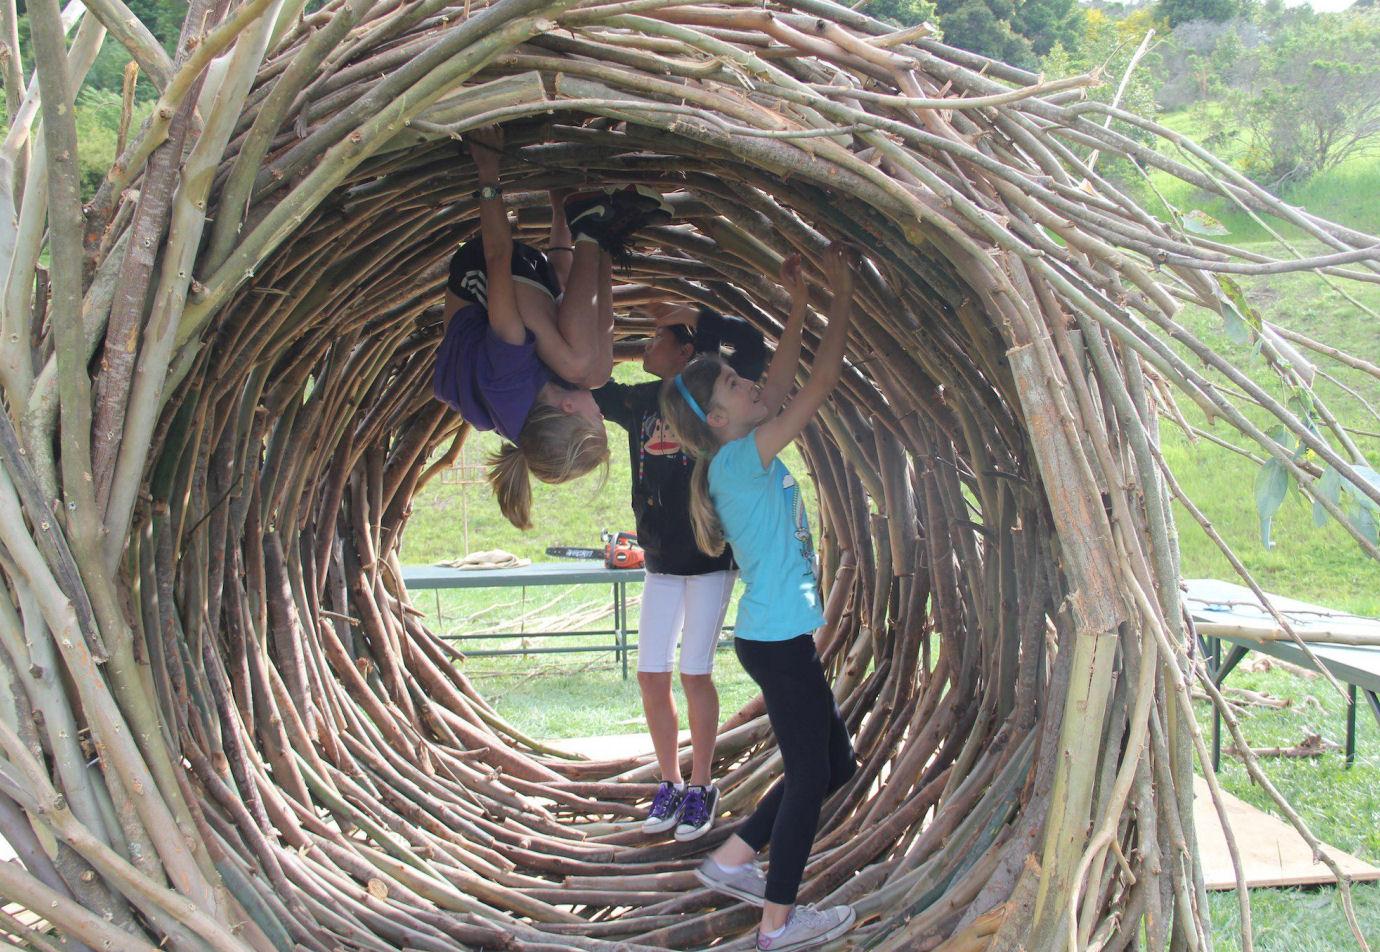 Los increíbles nidos a gran escala de Jayson Fann: inspirados por las aves, construidos para los humanos